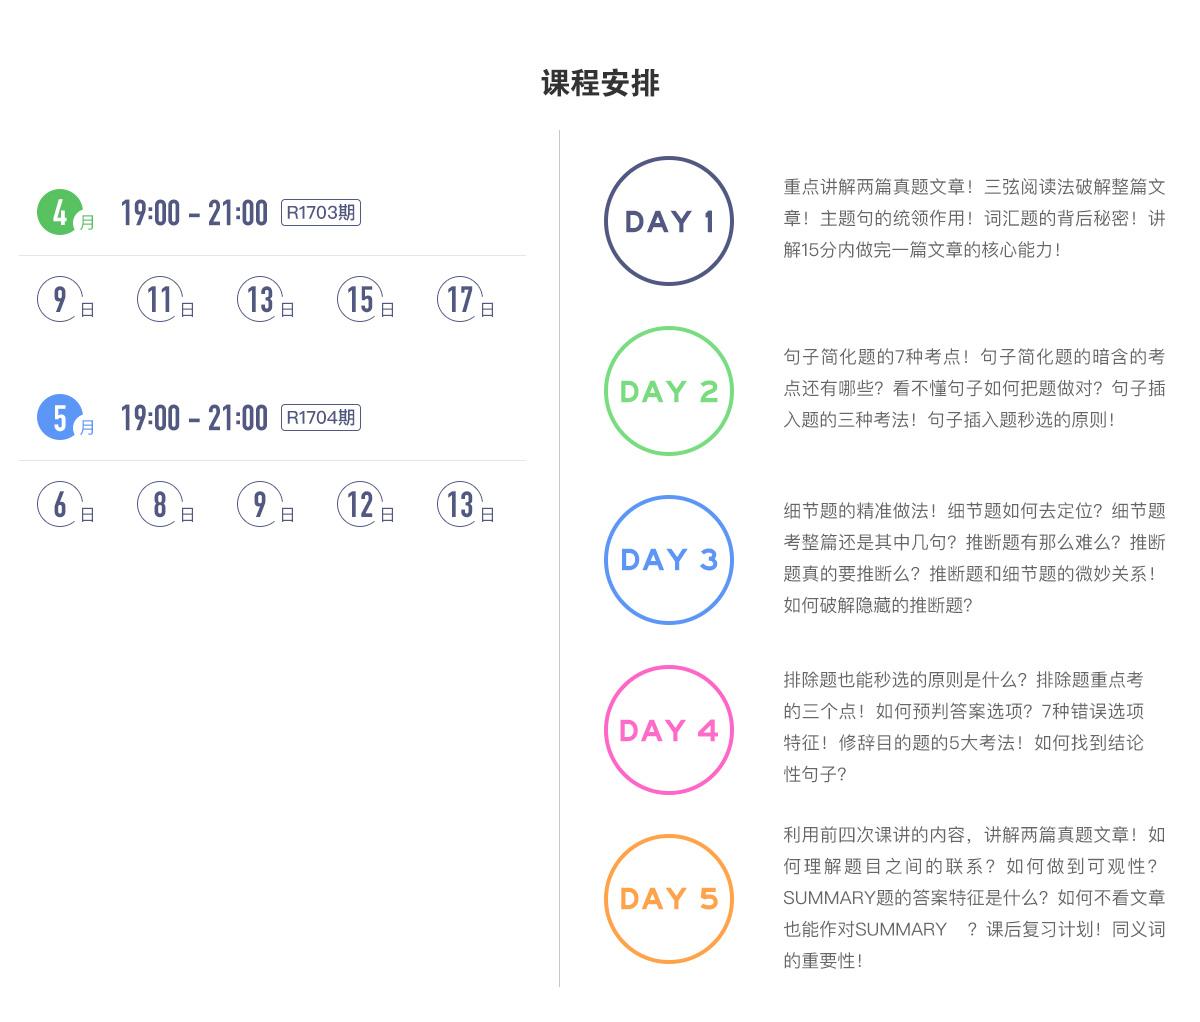 白杨阅读真题高分班_课程表.jpg